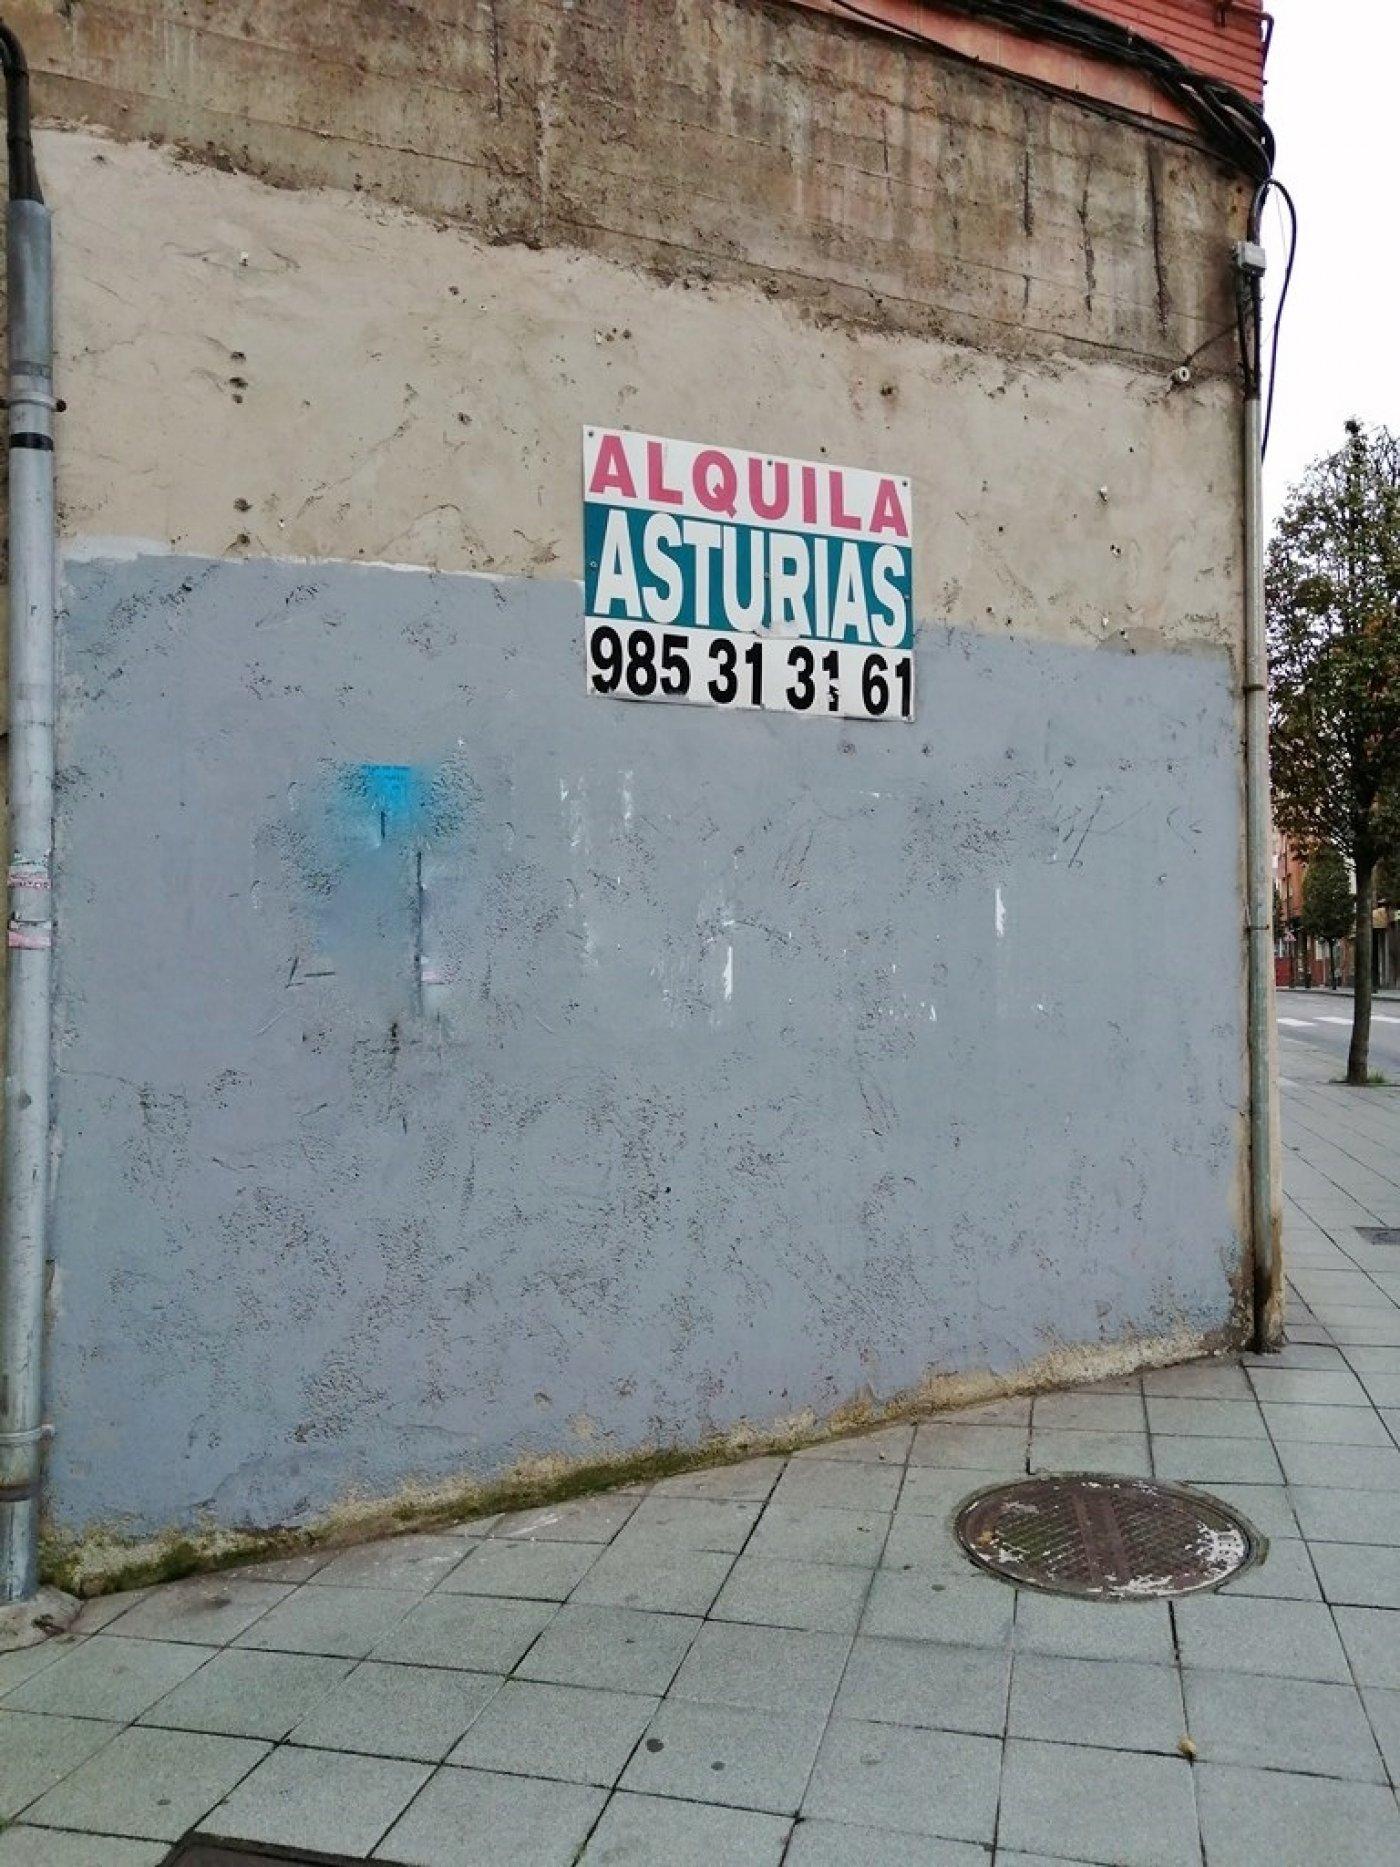 Estupenda esquina en la avenida de galicia - imagenInmueble8